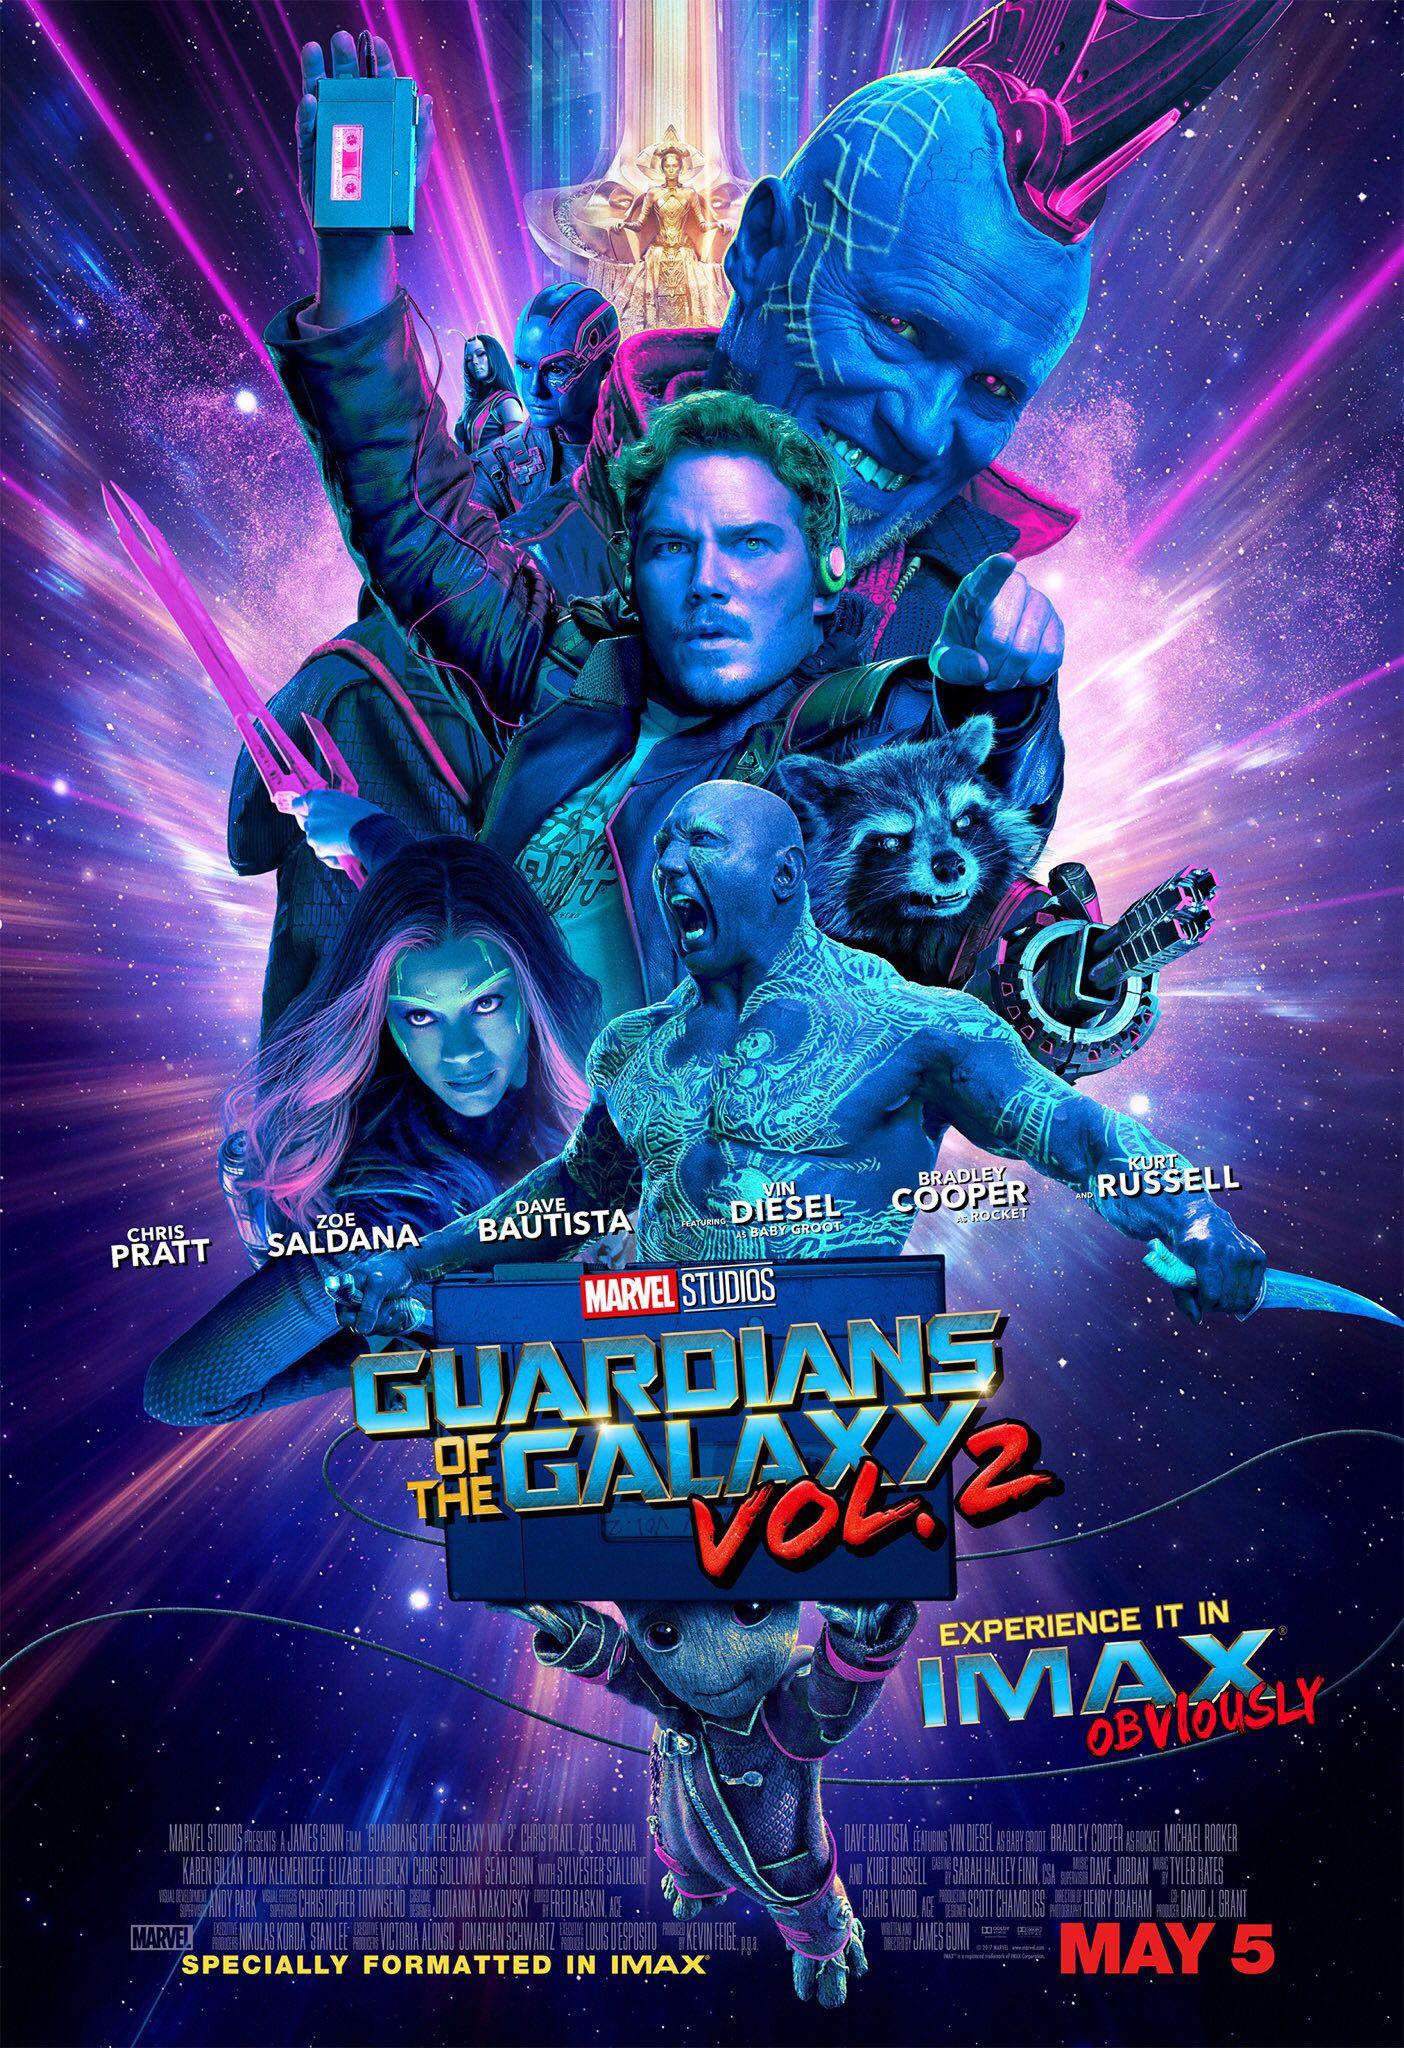 d2e2e293dbaeae7aa13dba6ada18601b - Gardens Of The Galaxy Vol 2 Movie